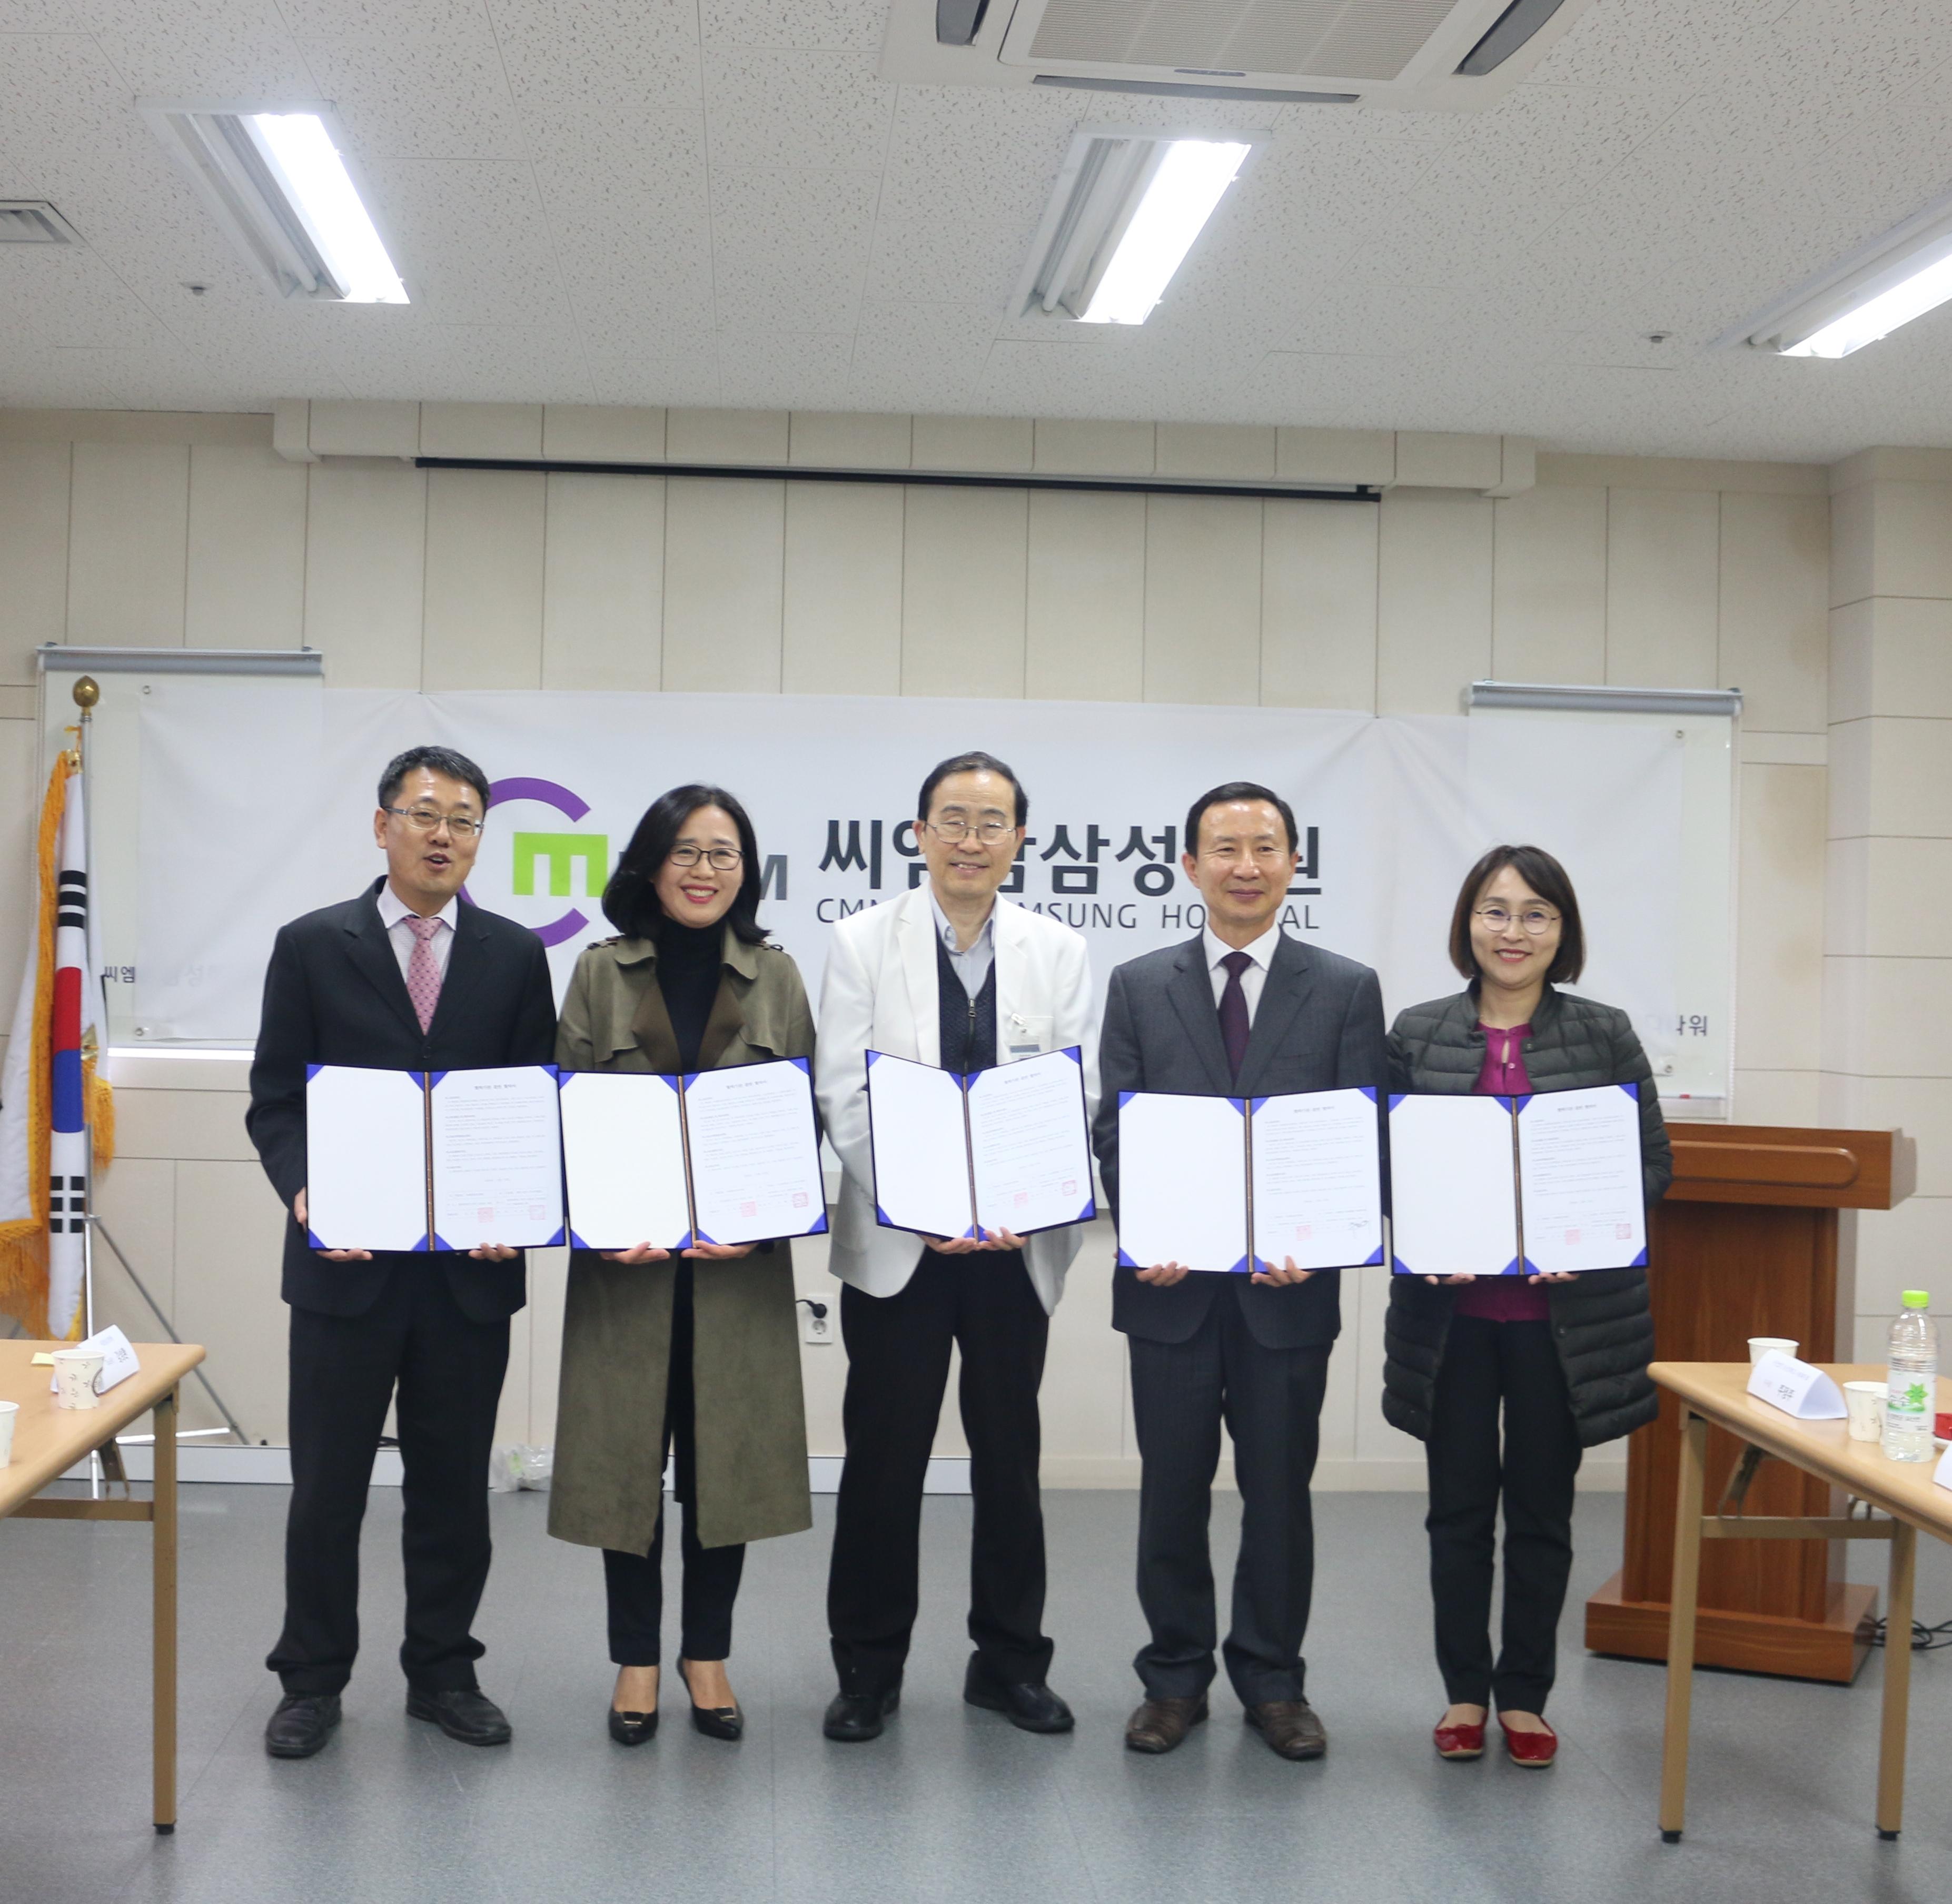 이미지 3:광주광역시 동구지역 복지기관 협약식